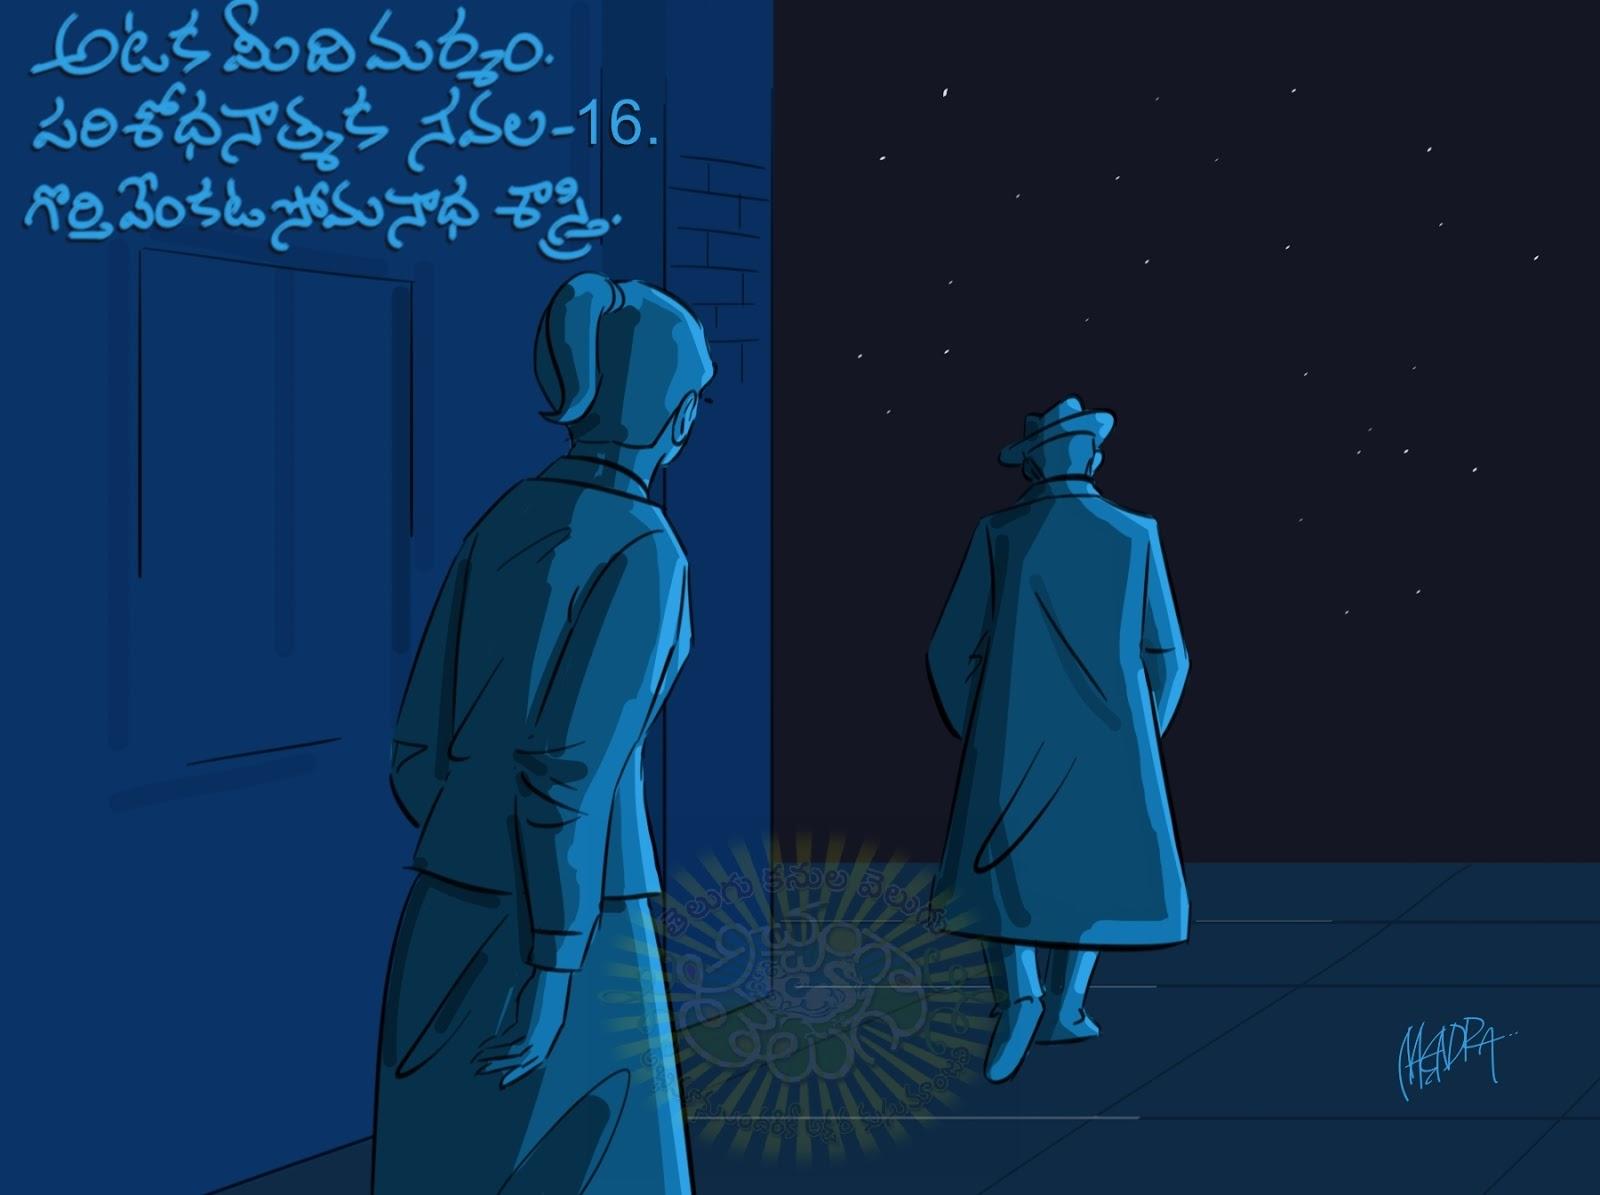 అటక మీది మర్మం - 16 ధారావాహికలు, సోమసుధ